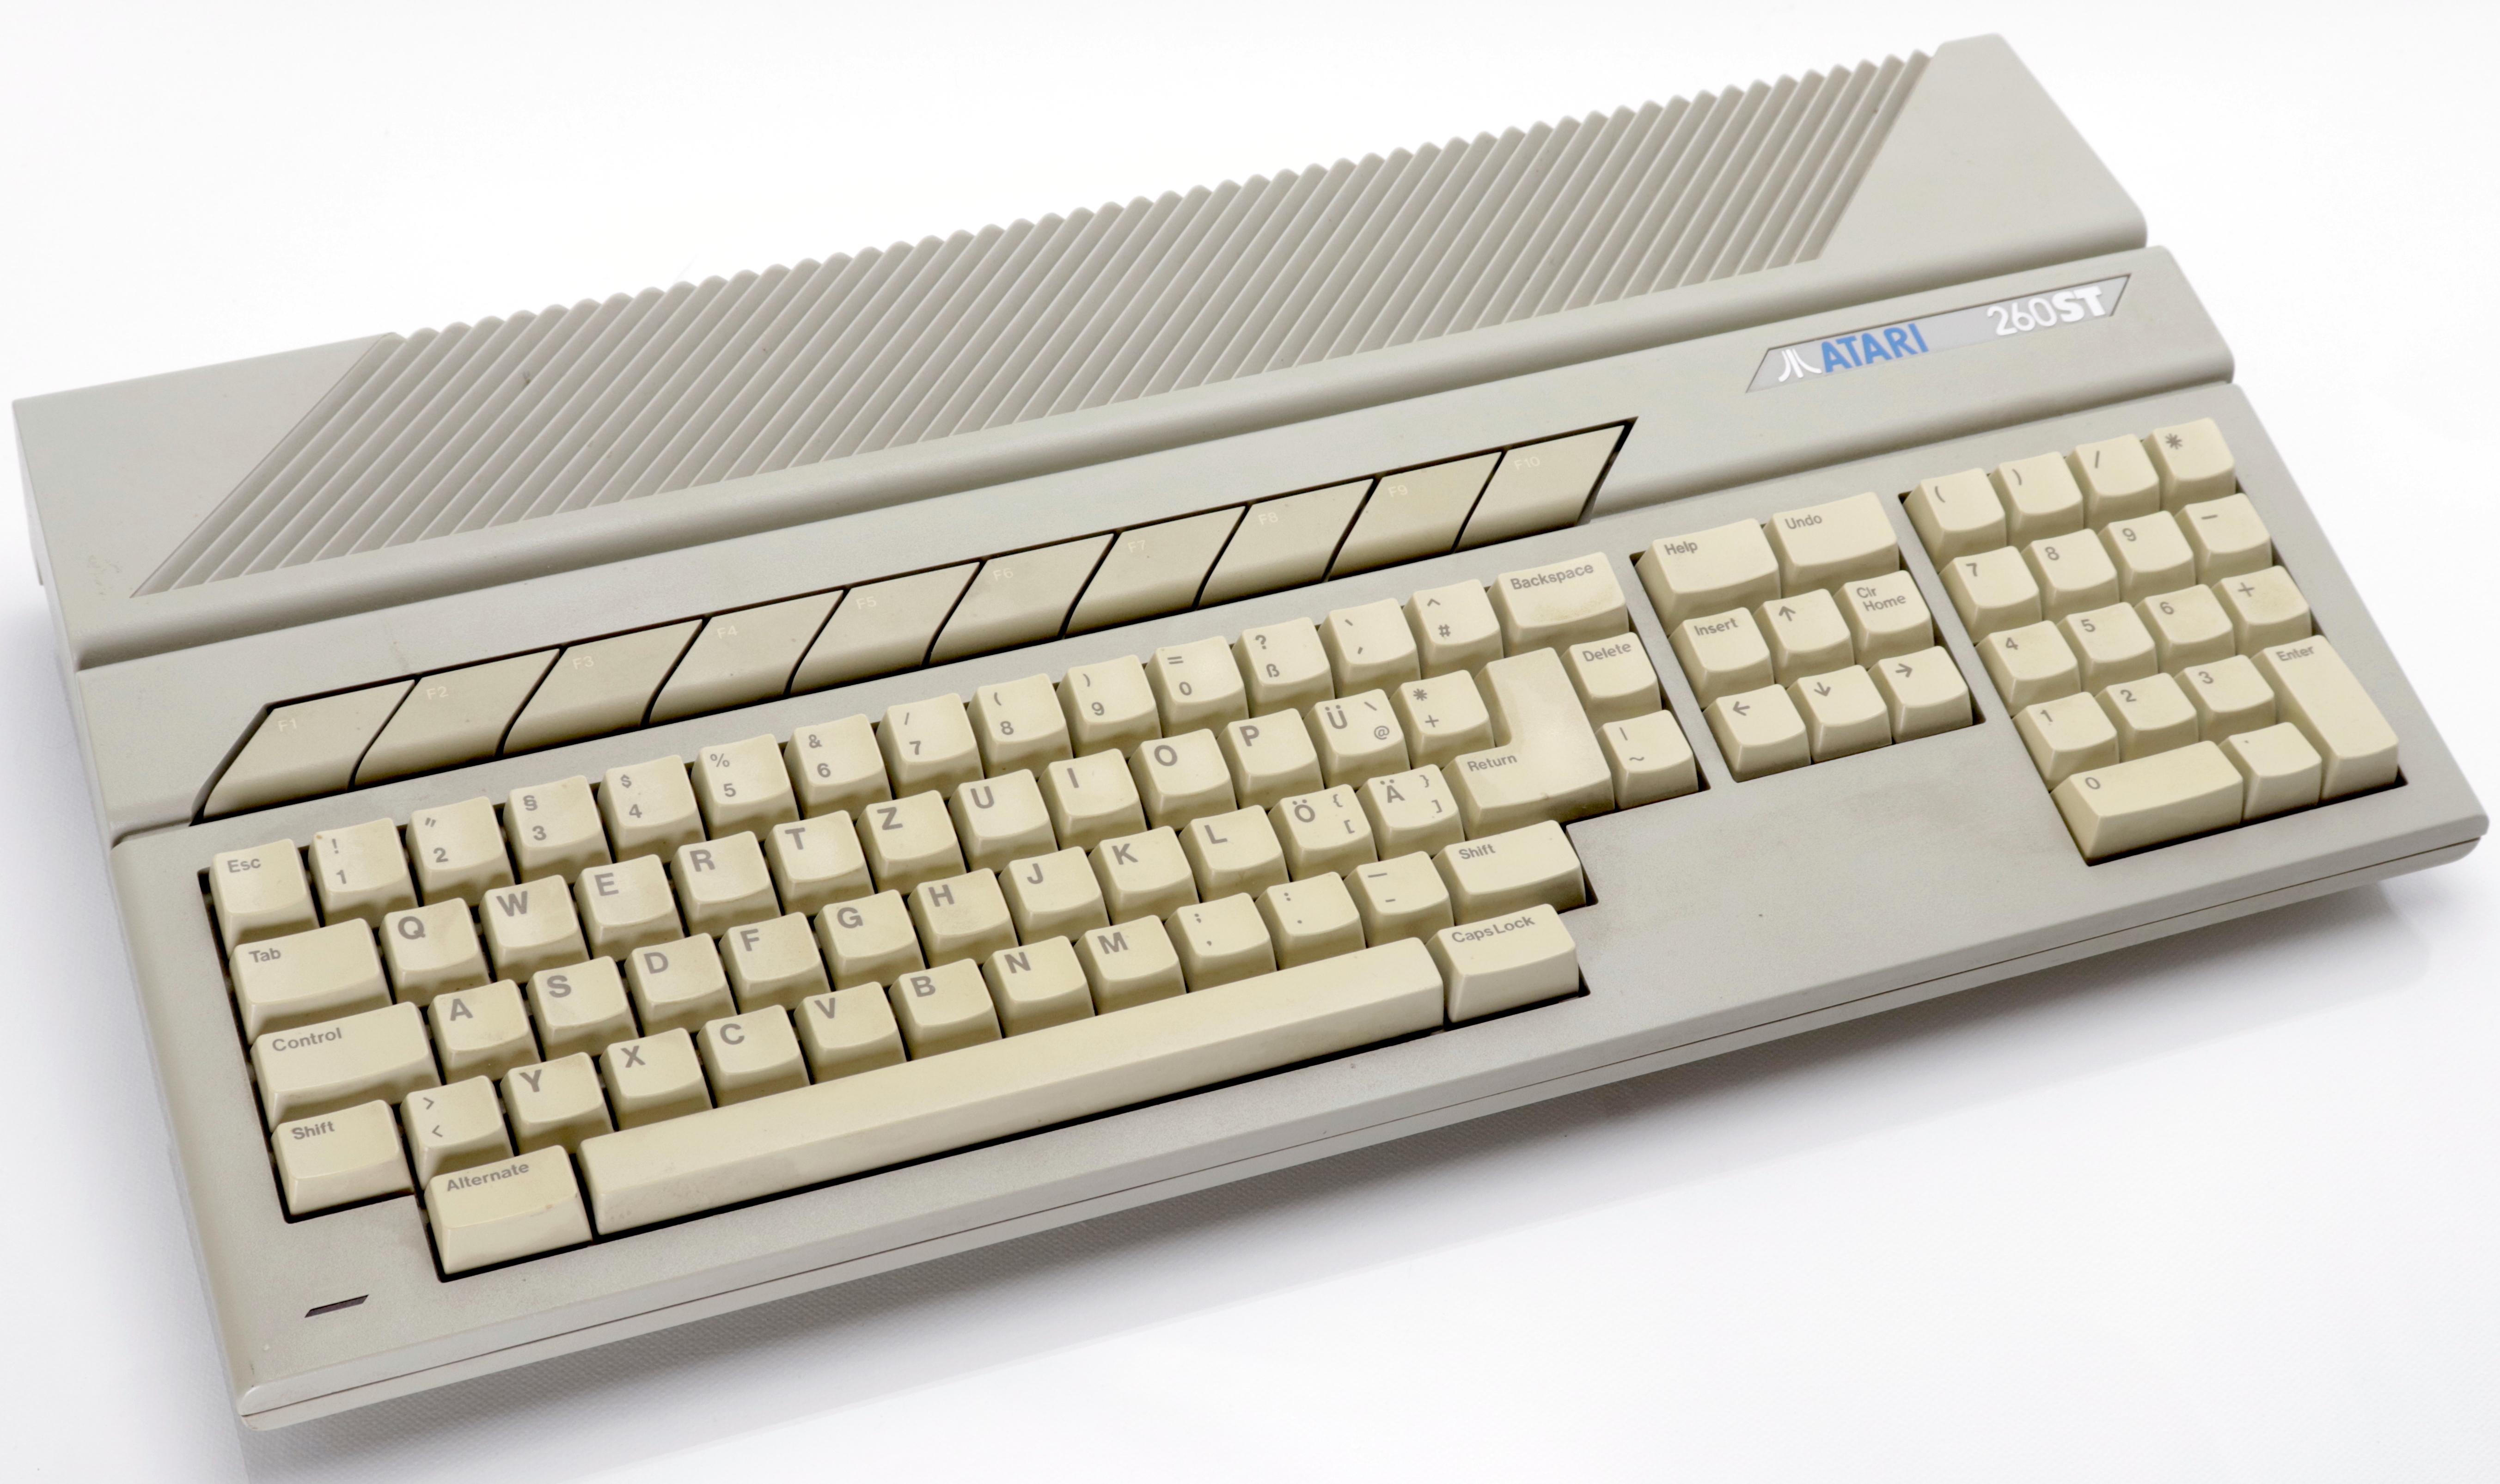 Atari 260ST